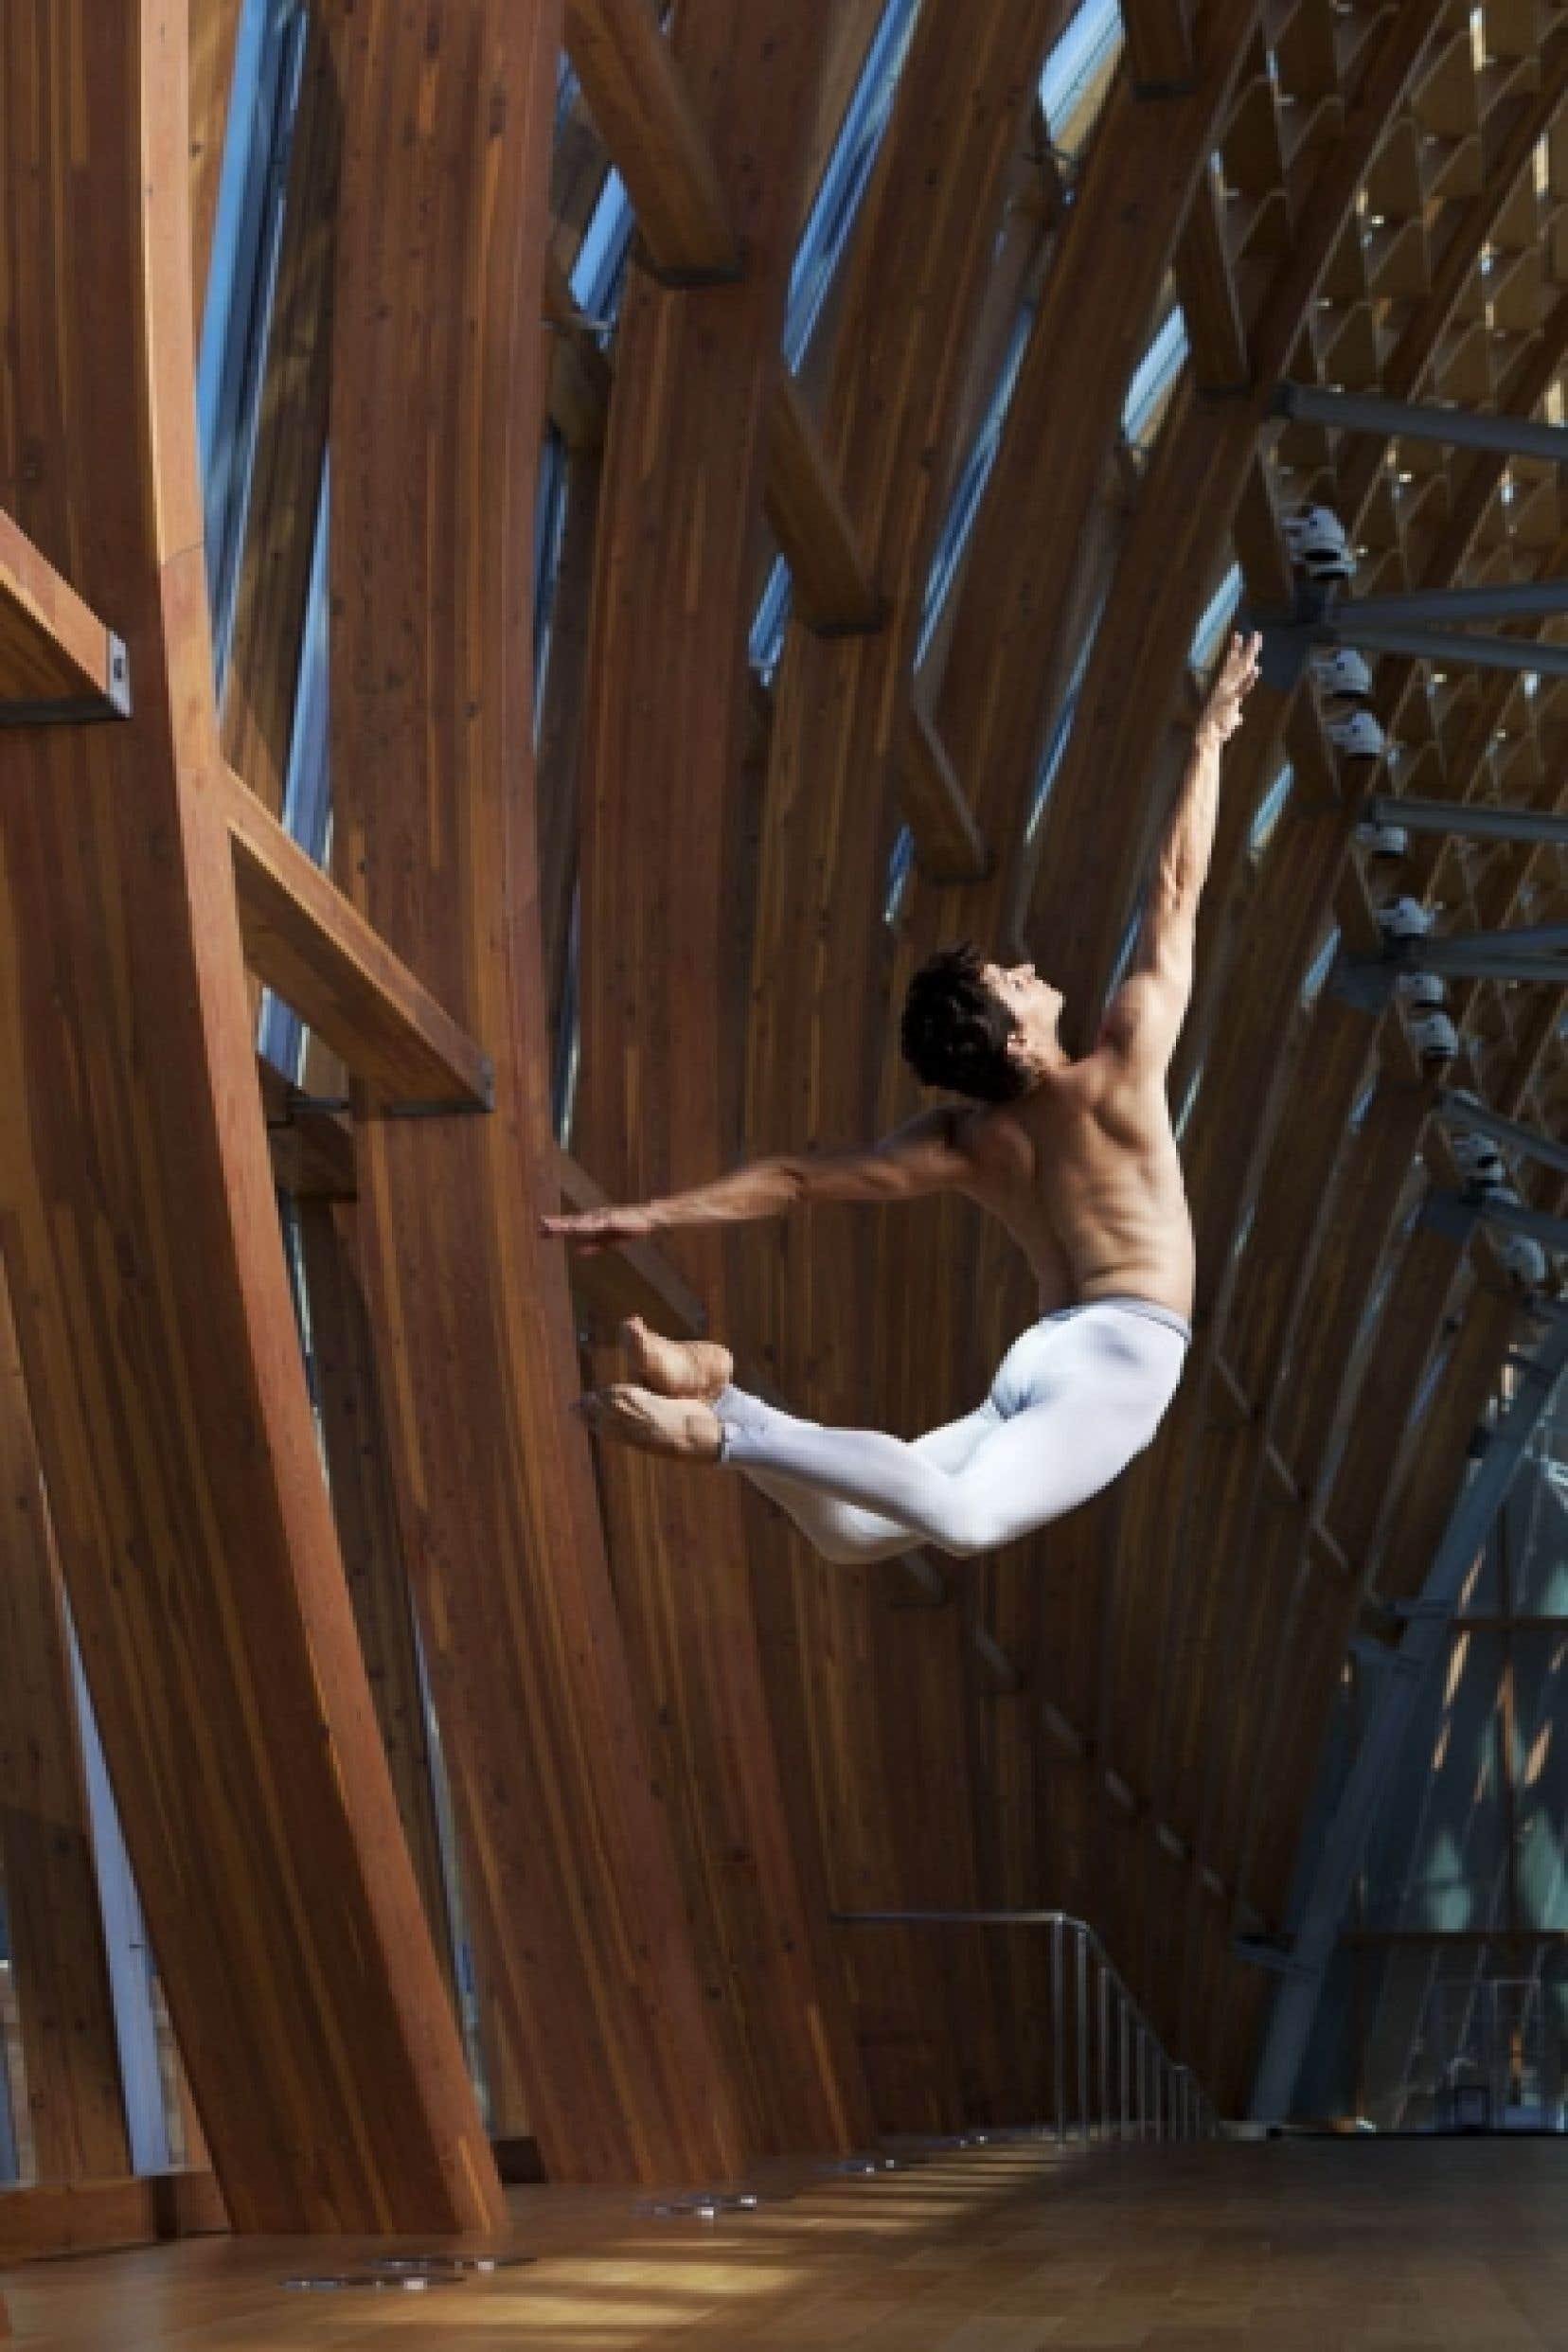 À 15 ans, Guillaume Côté est apprenti au New York City Ballet. À 16, il entrait au corps de ballet du Ballet national. Il s'imagine encore danser jusqu'à la quarantaine.